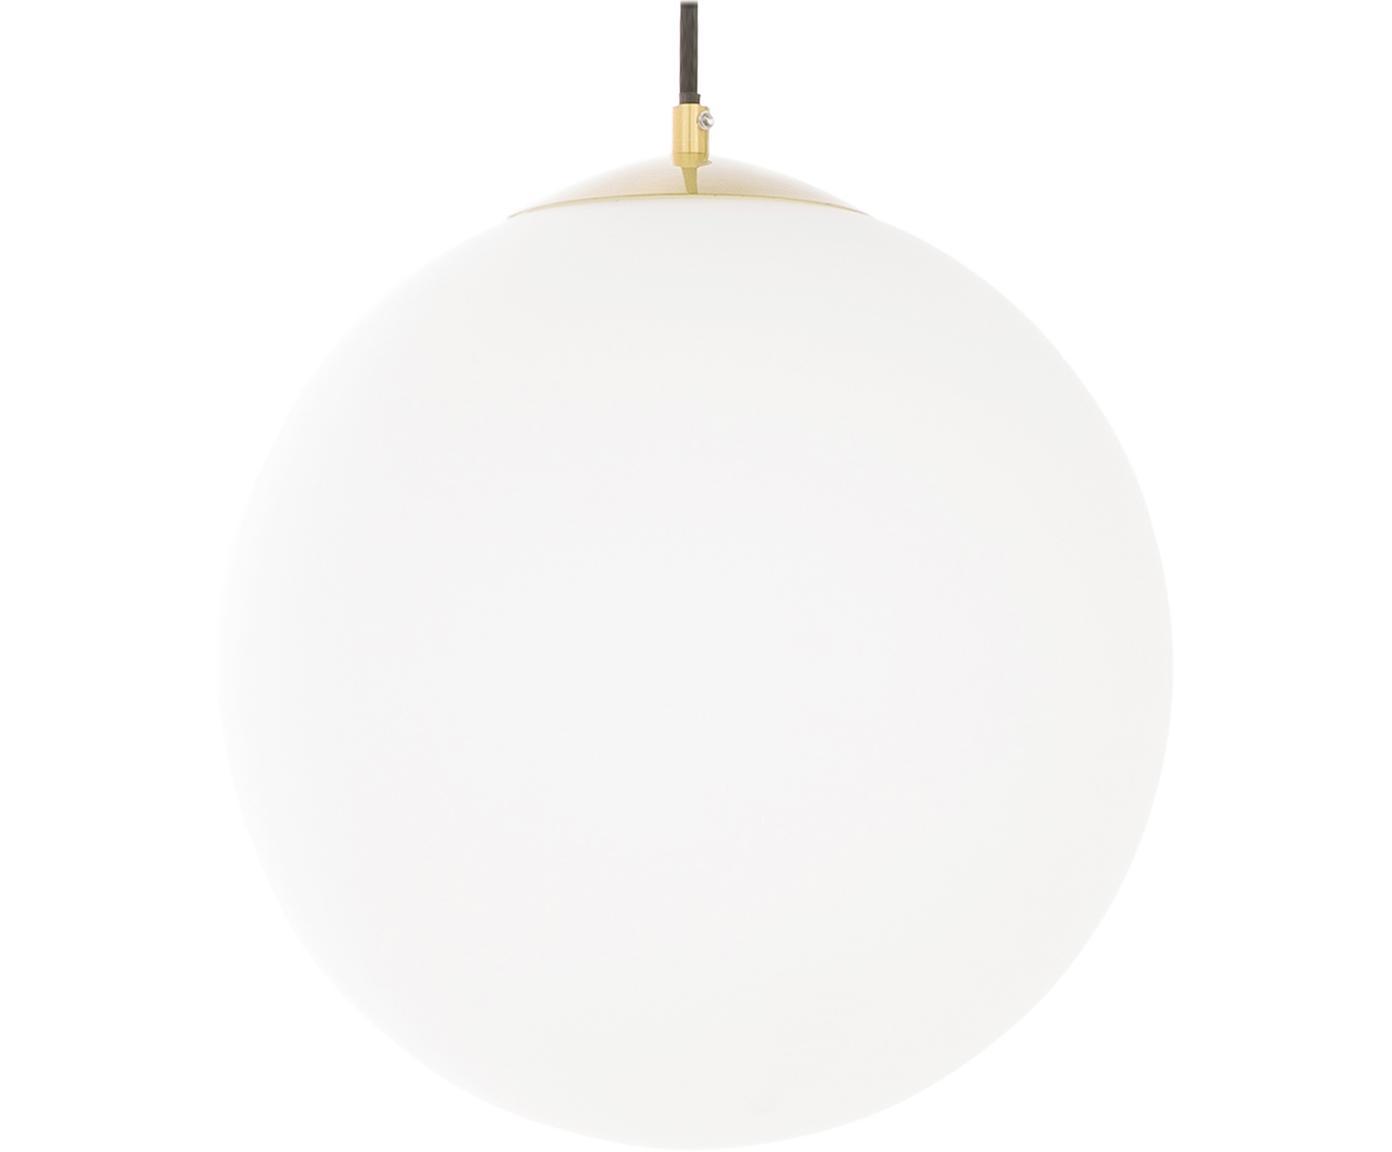 Lampada a sospensione a sfera in vetro Beth, Paralume: vetro, Bianco, ottone, Ø 30 cm